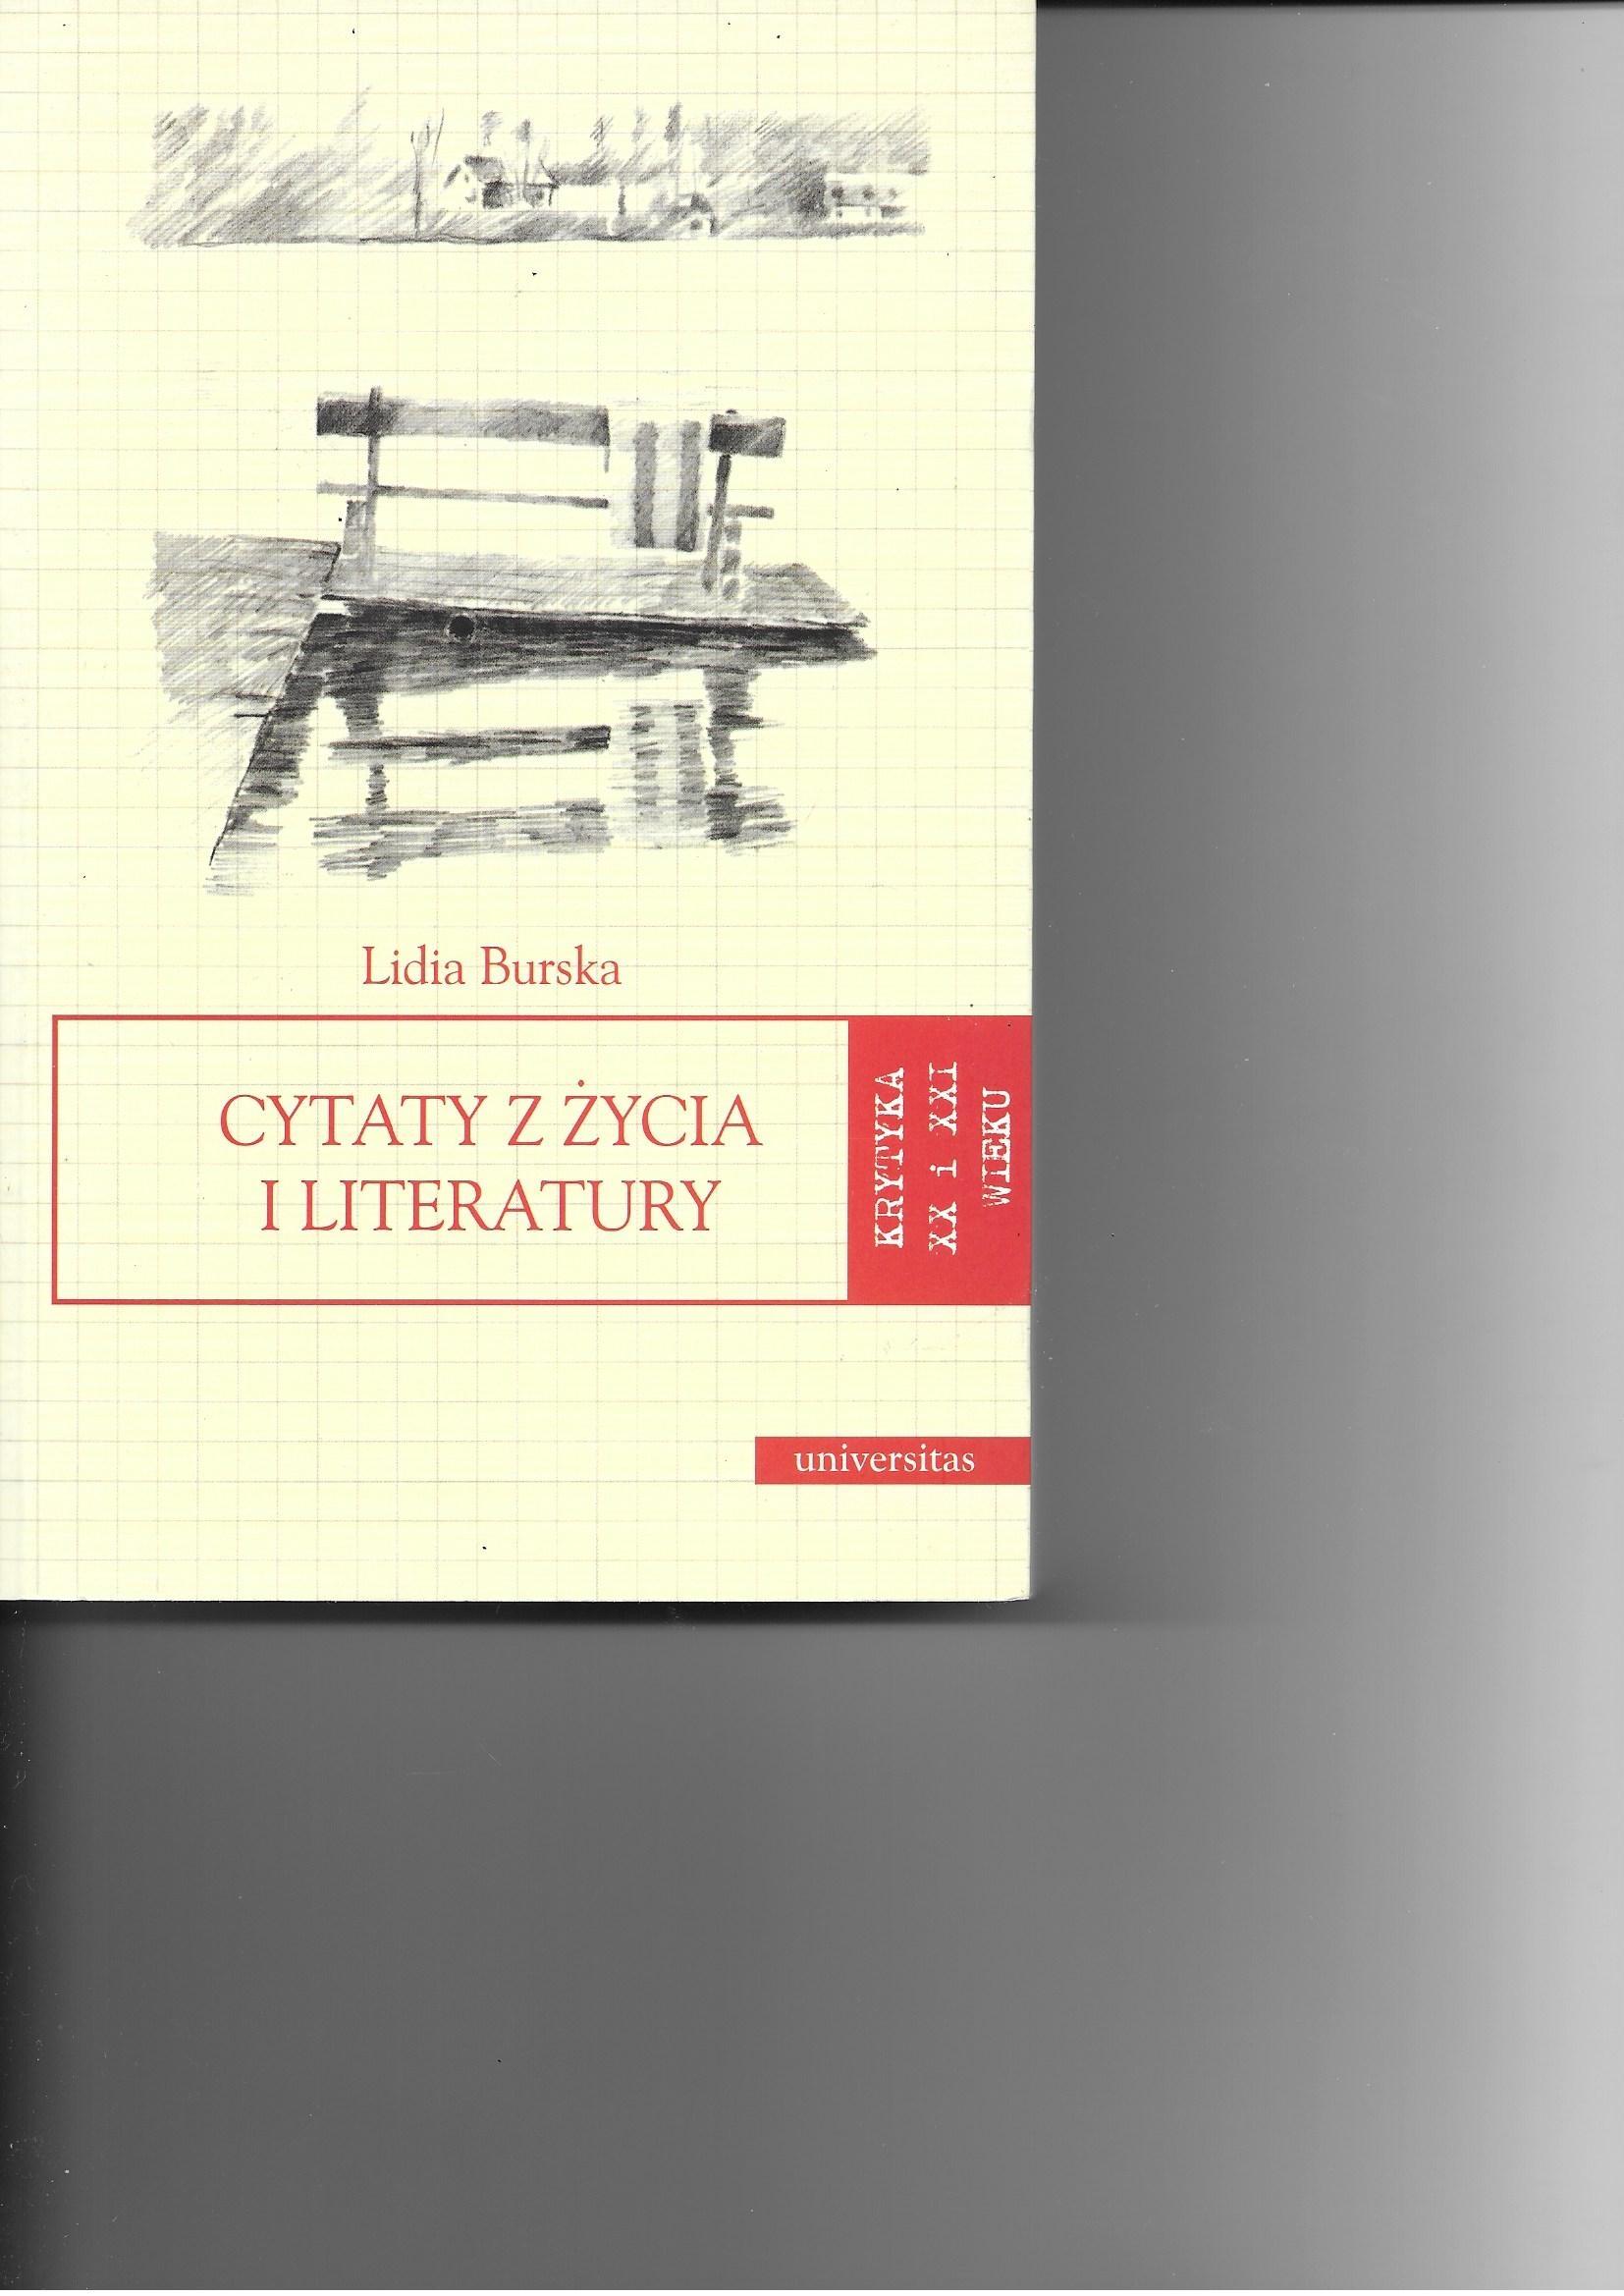 Cytaty Z życia I Literatury Lidia Burska Krytyka